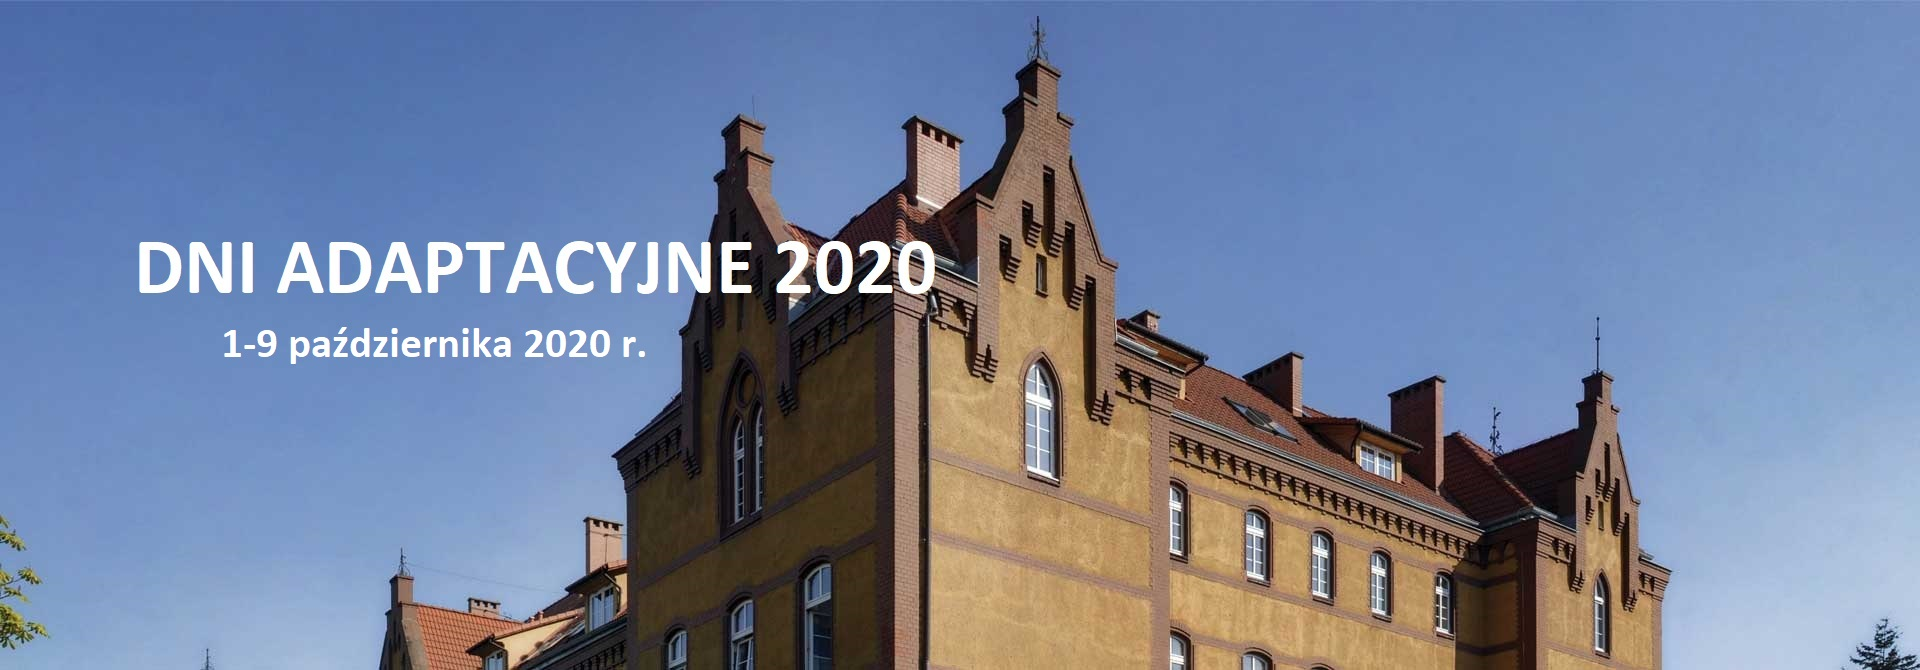 Dni Adaptacyjne 2020 – informacje dla studentów pierwszego roku